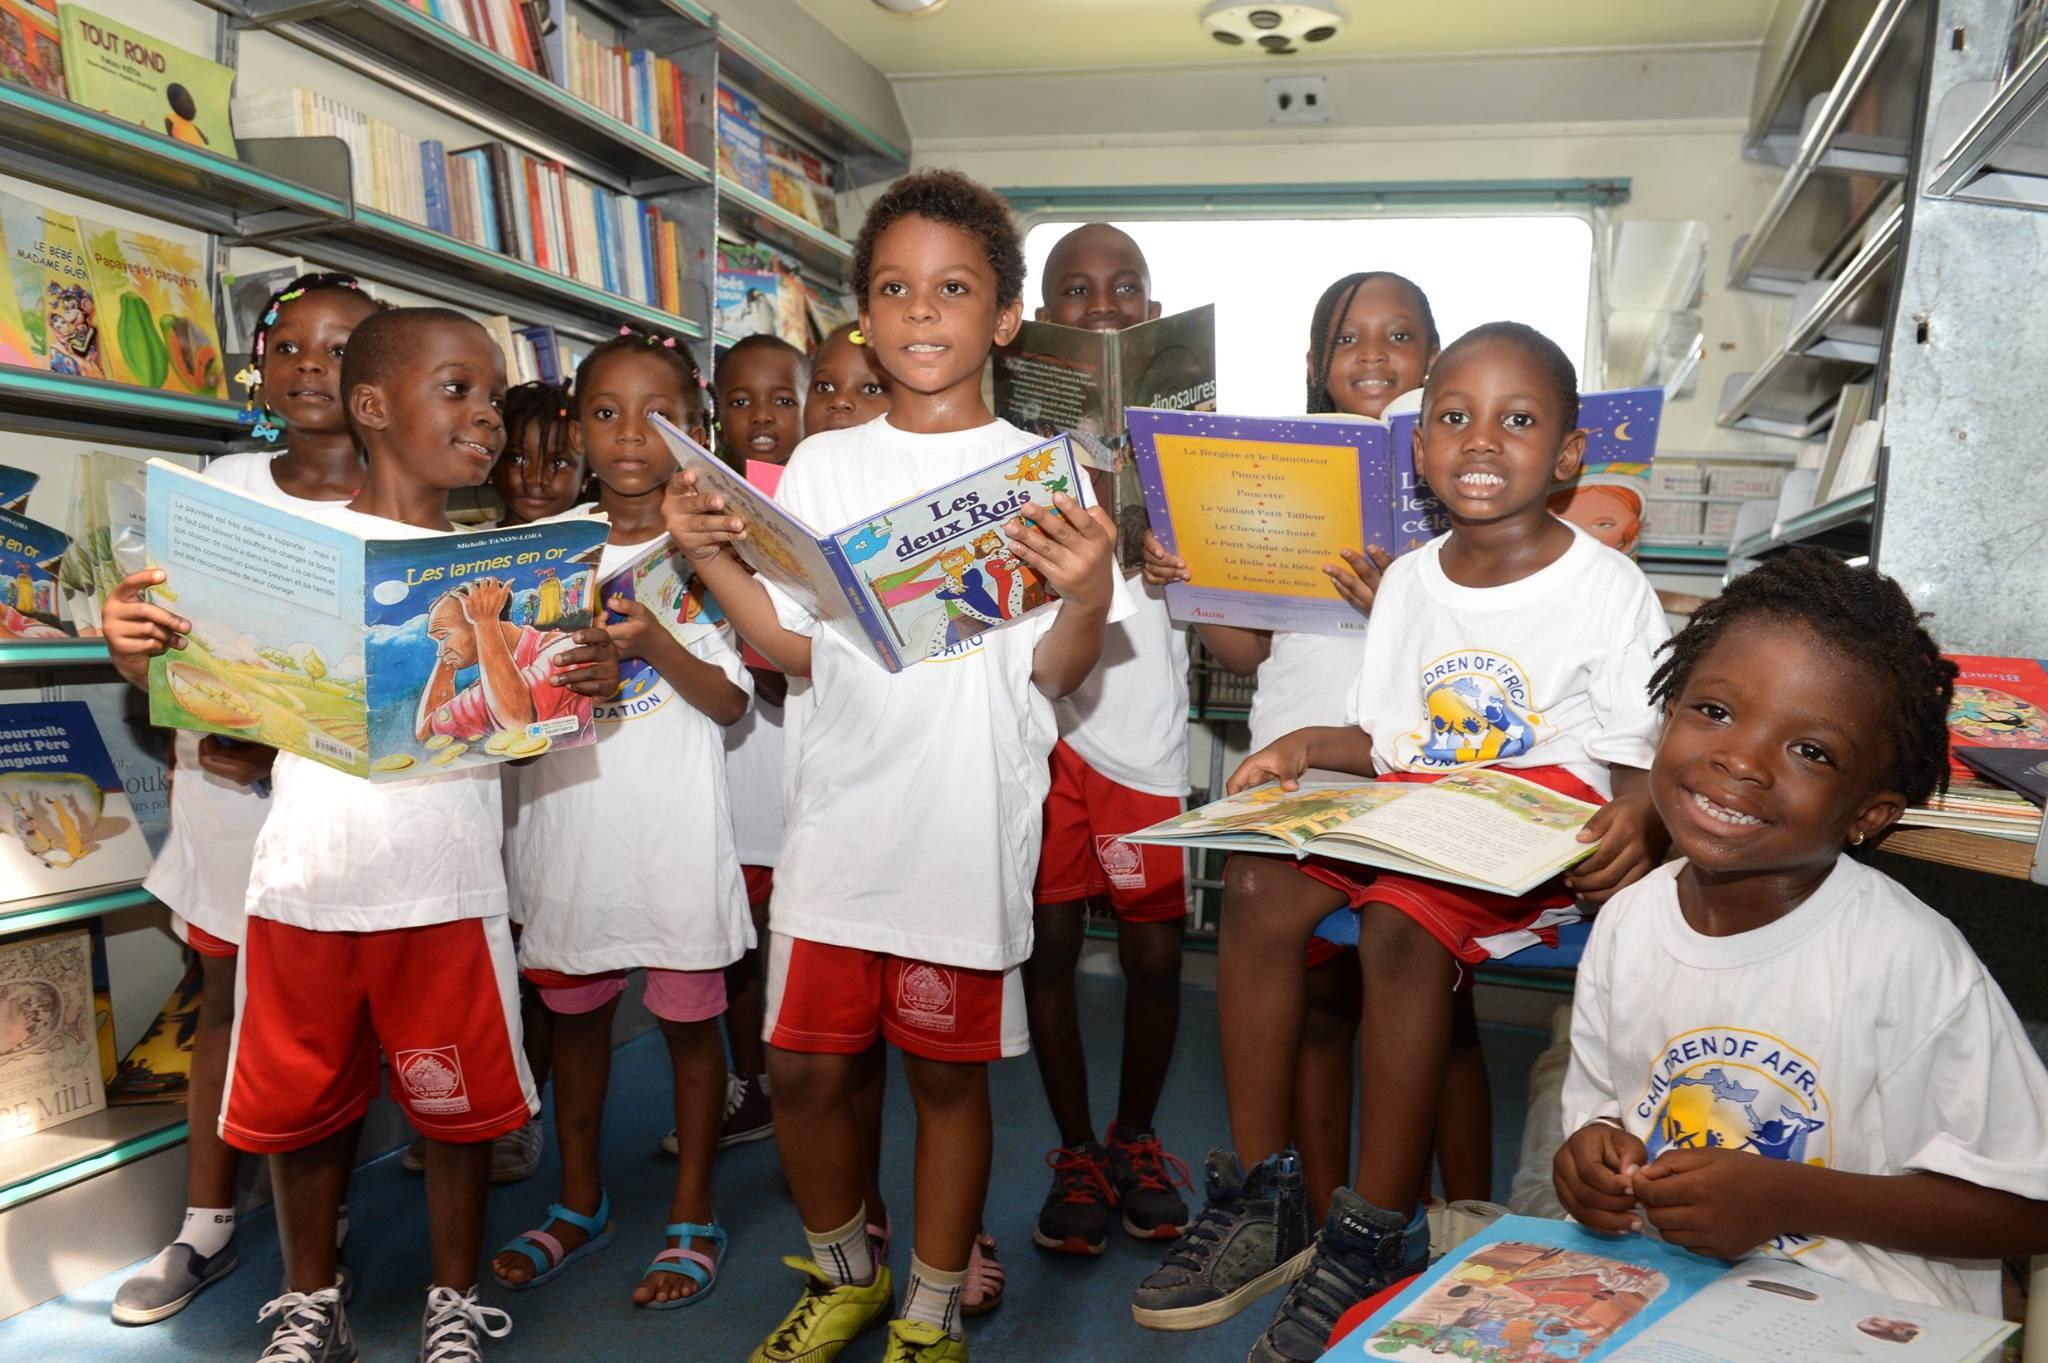 La Fondation Children Of Africa va parrainer un espace dédié à la jeunesse et à l'éducation